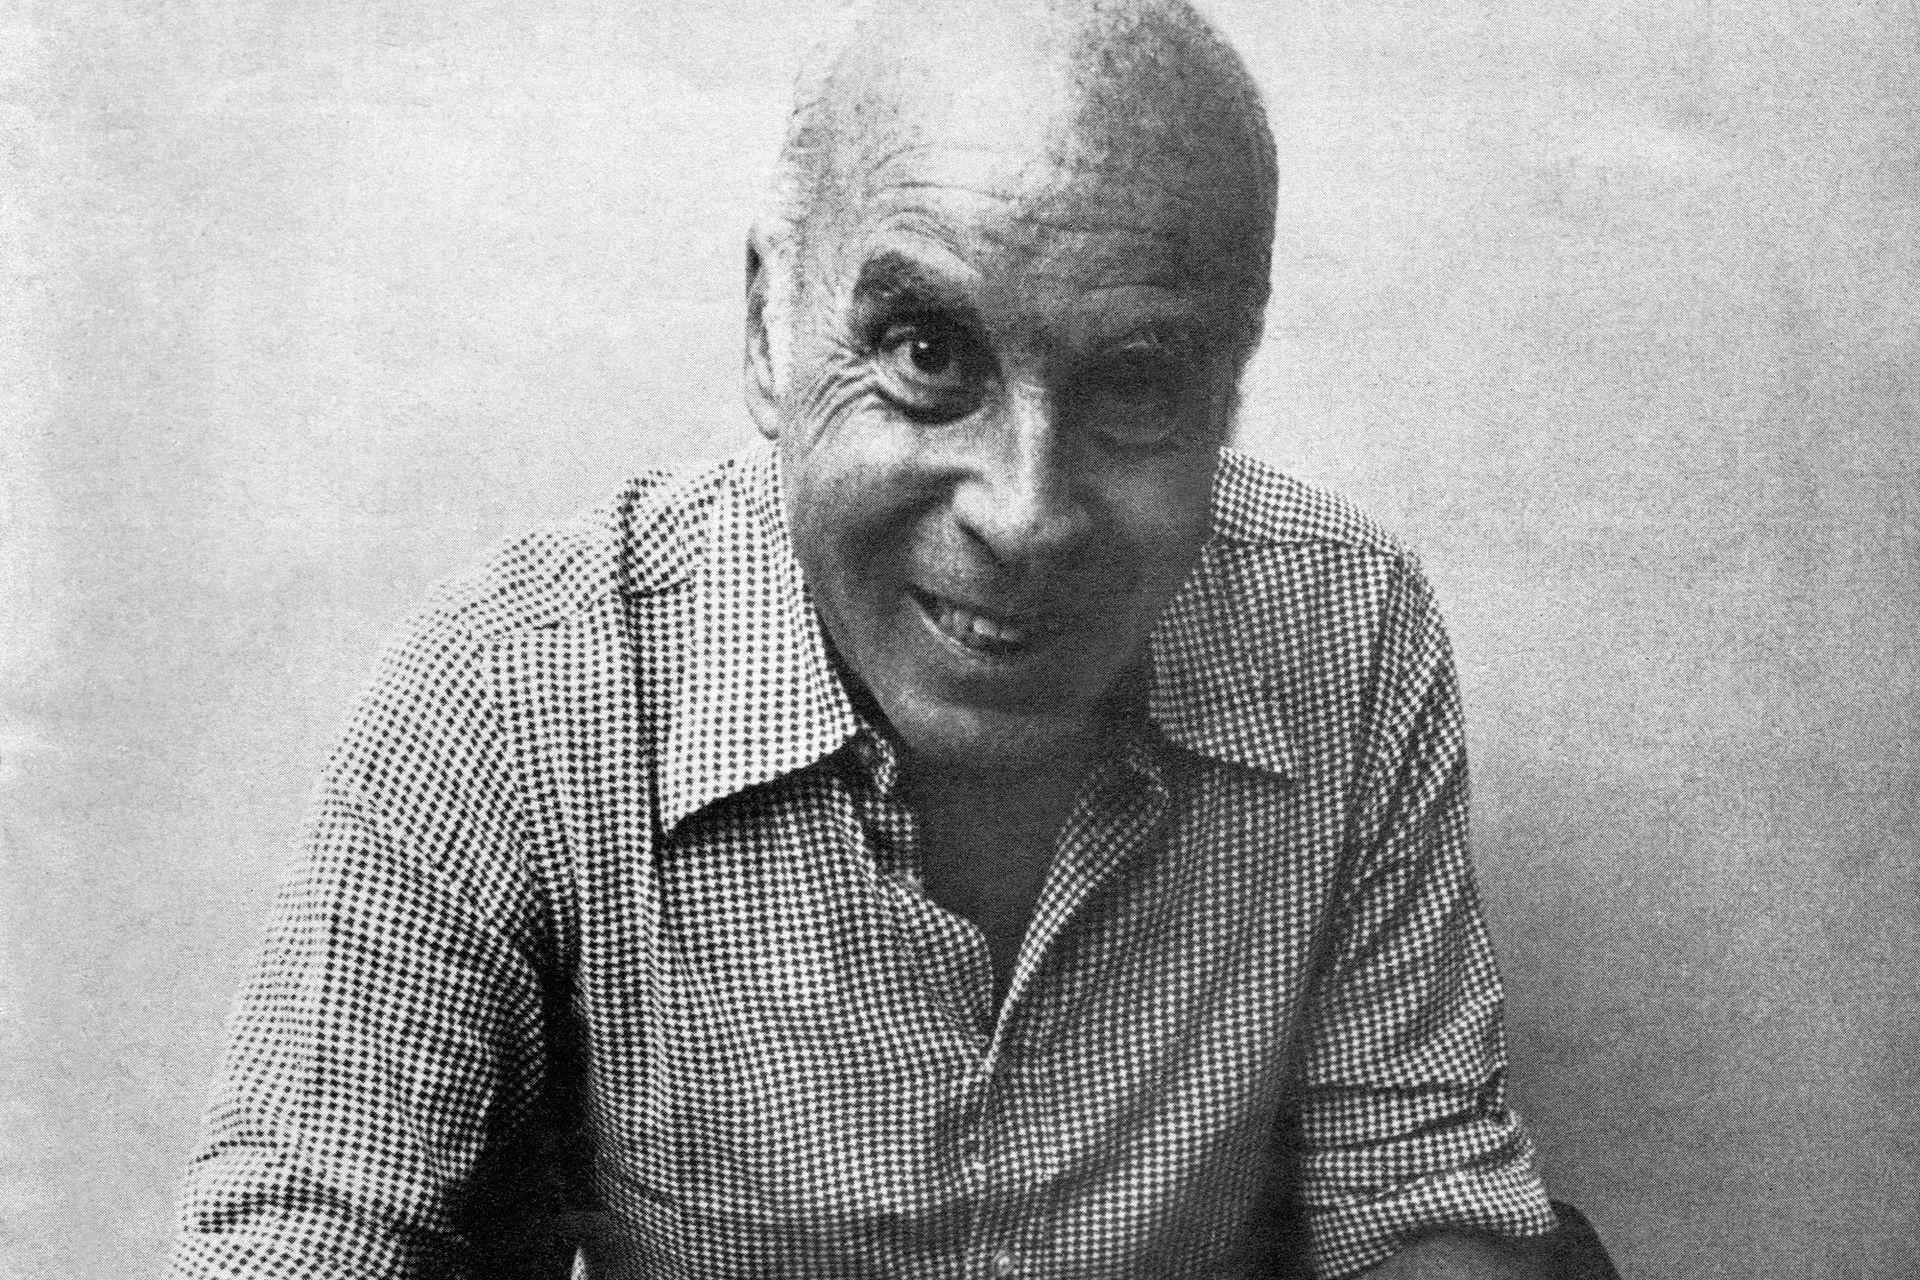 Desde Tía Vicenta, Landrú fue un maestro del humor gráfico político